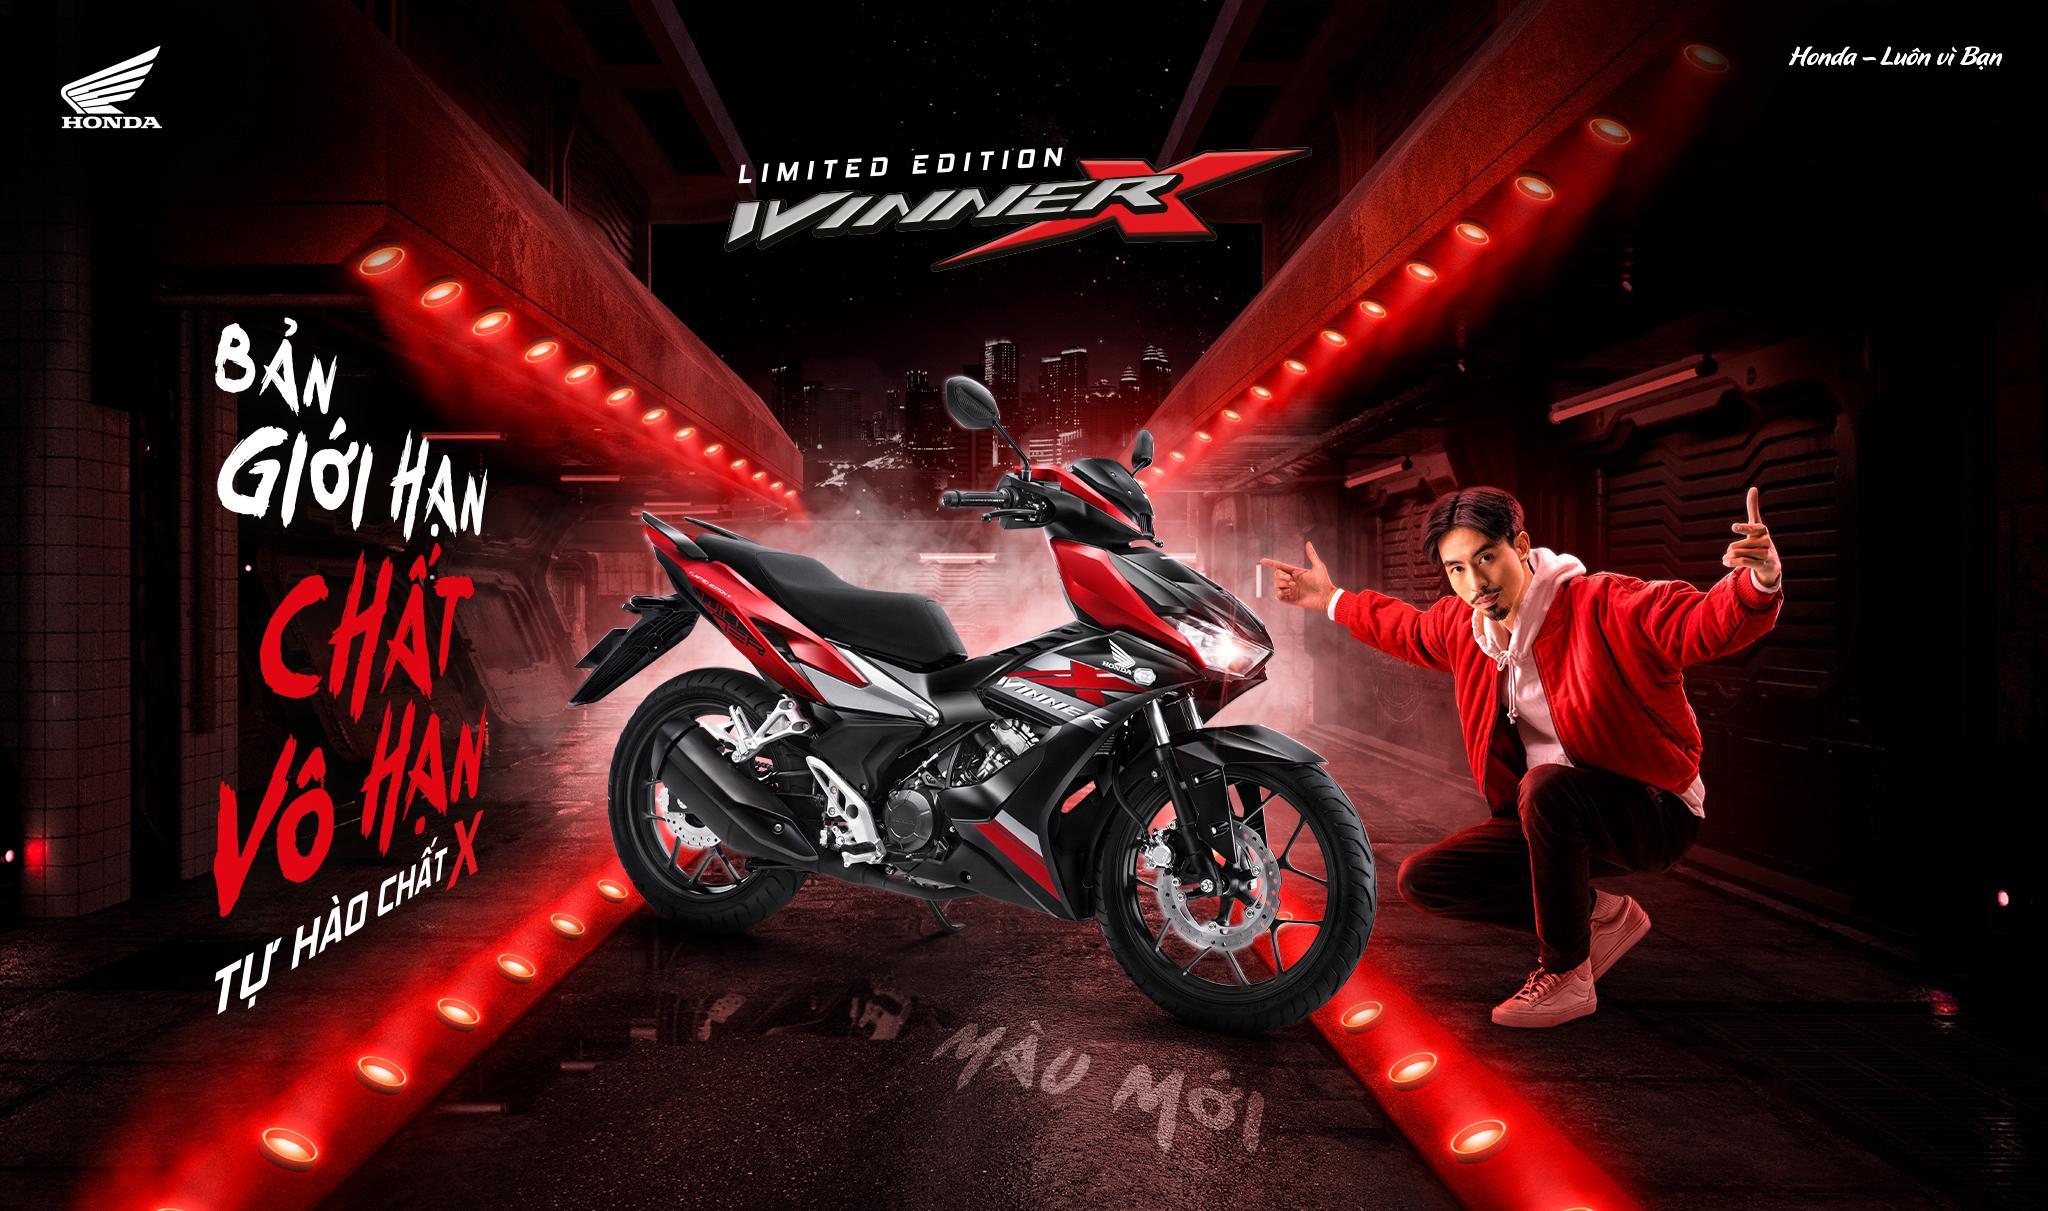 """Honda Việt Nam giới thiệu phiên bản màu giới hạn cho siêu phẩm WINNER X  """"Bản giới hạn Chất vô hạn"""""""